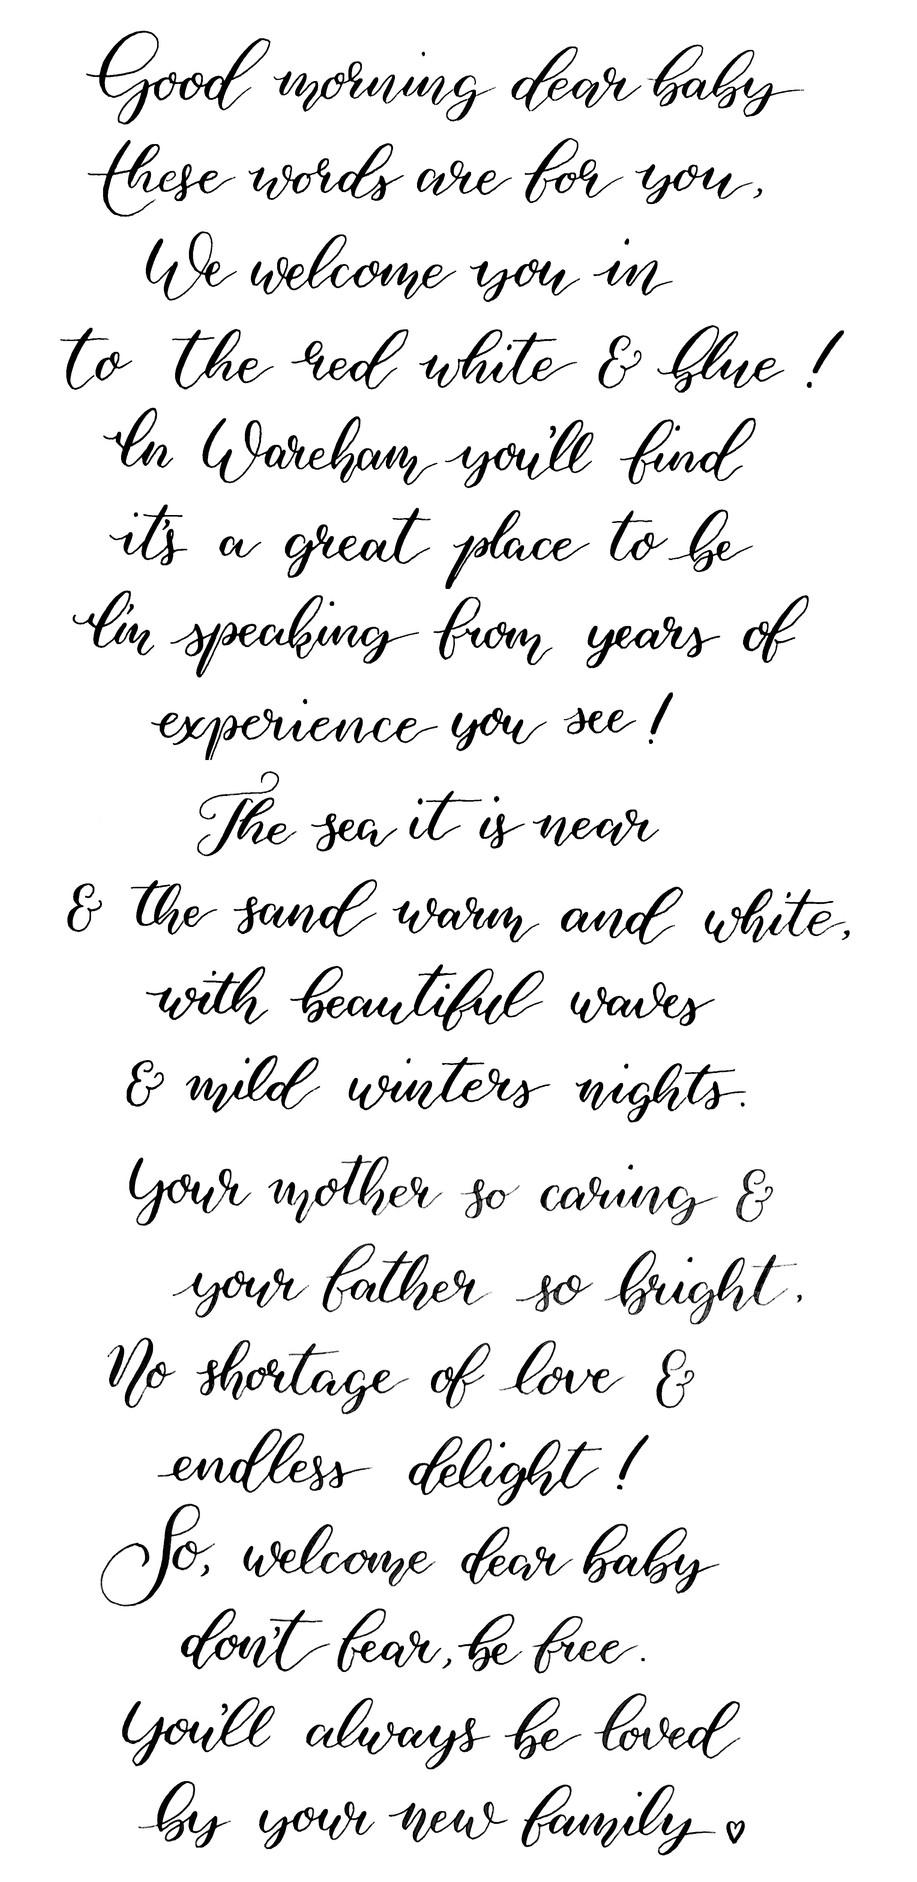 'Dear Baby' poem, written by Matthew Eva